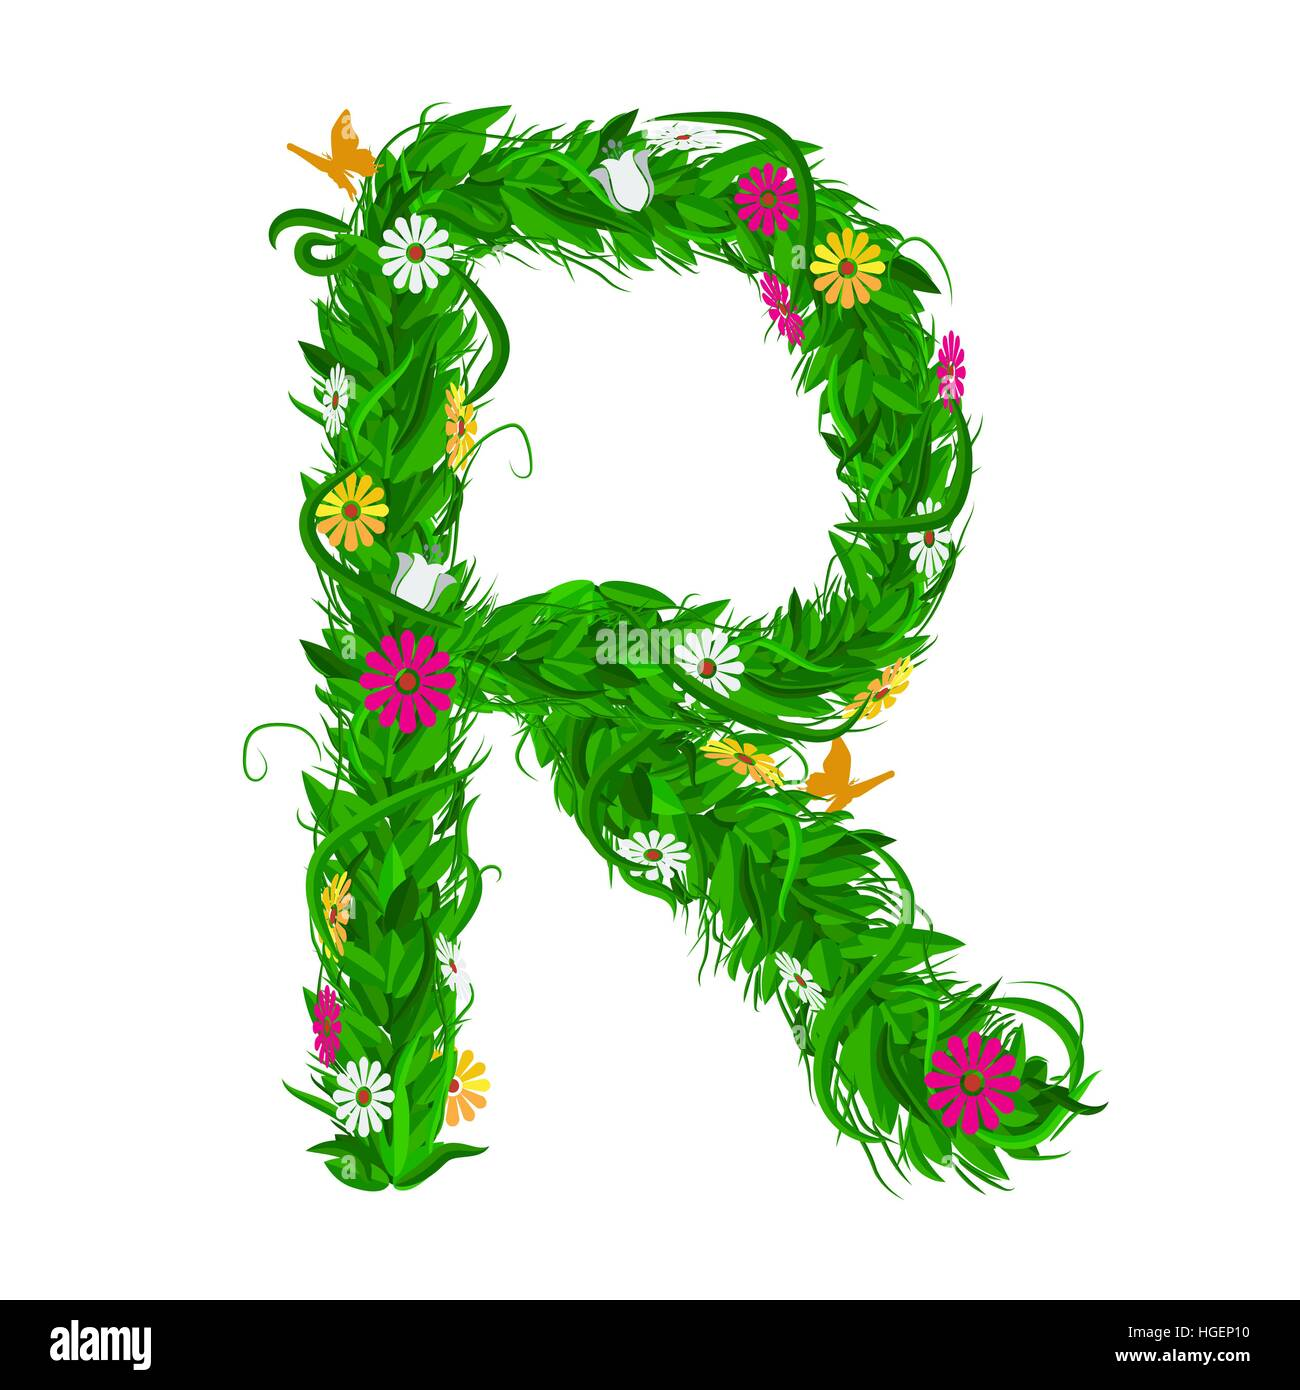 R carta eco verde con hojas y flores para su diseño. Estilo de color ...